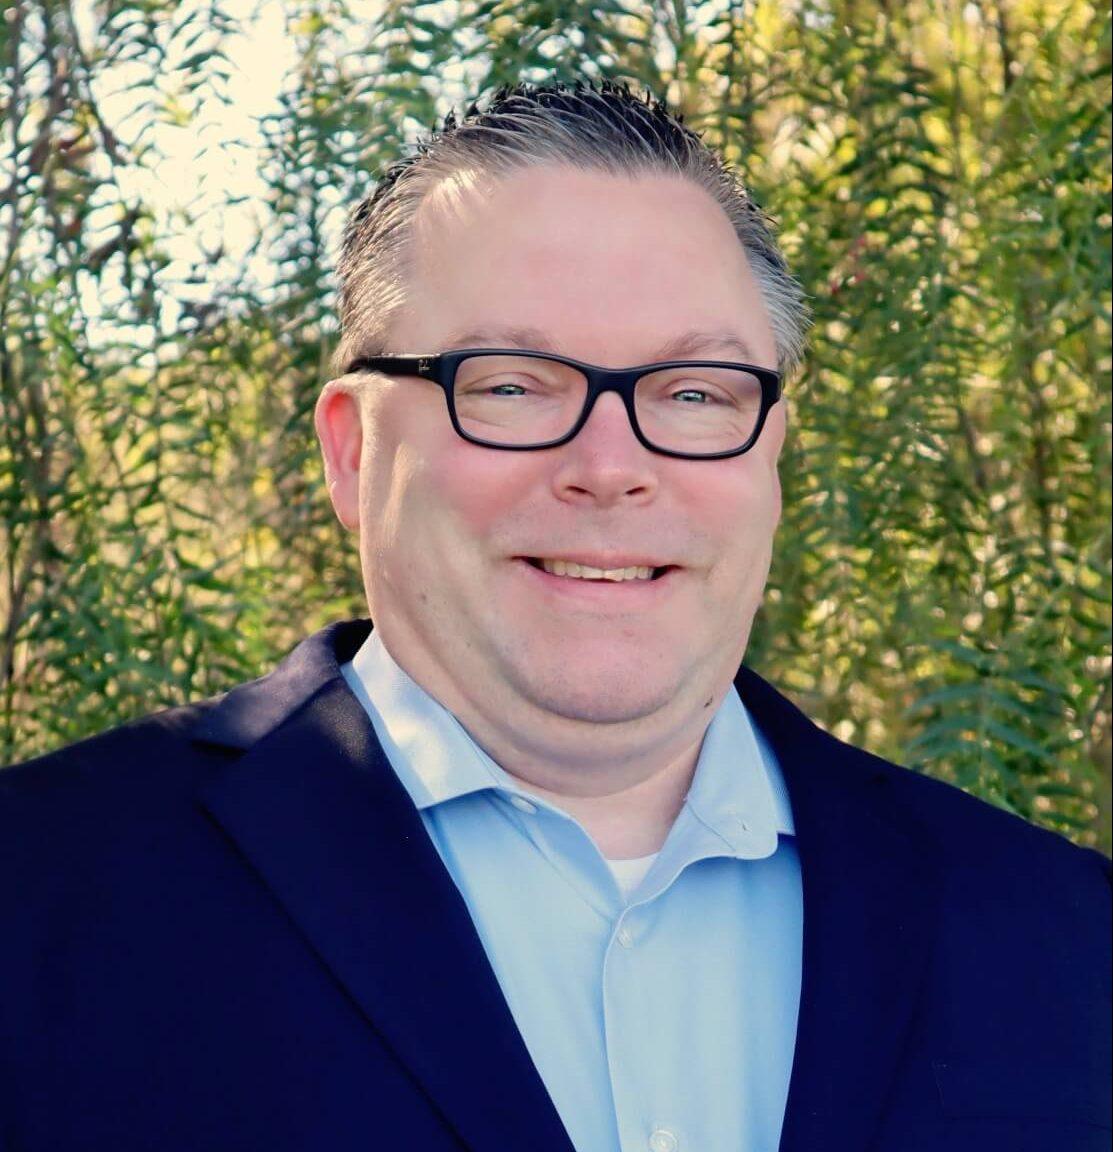 Scott T. Larson, CFA